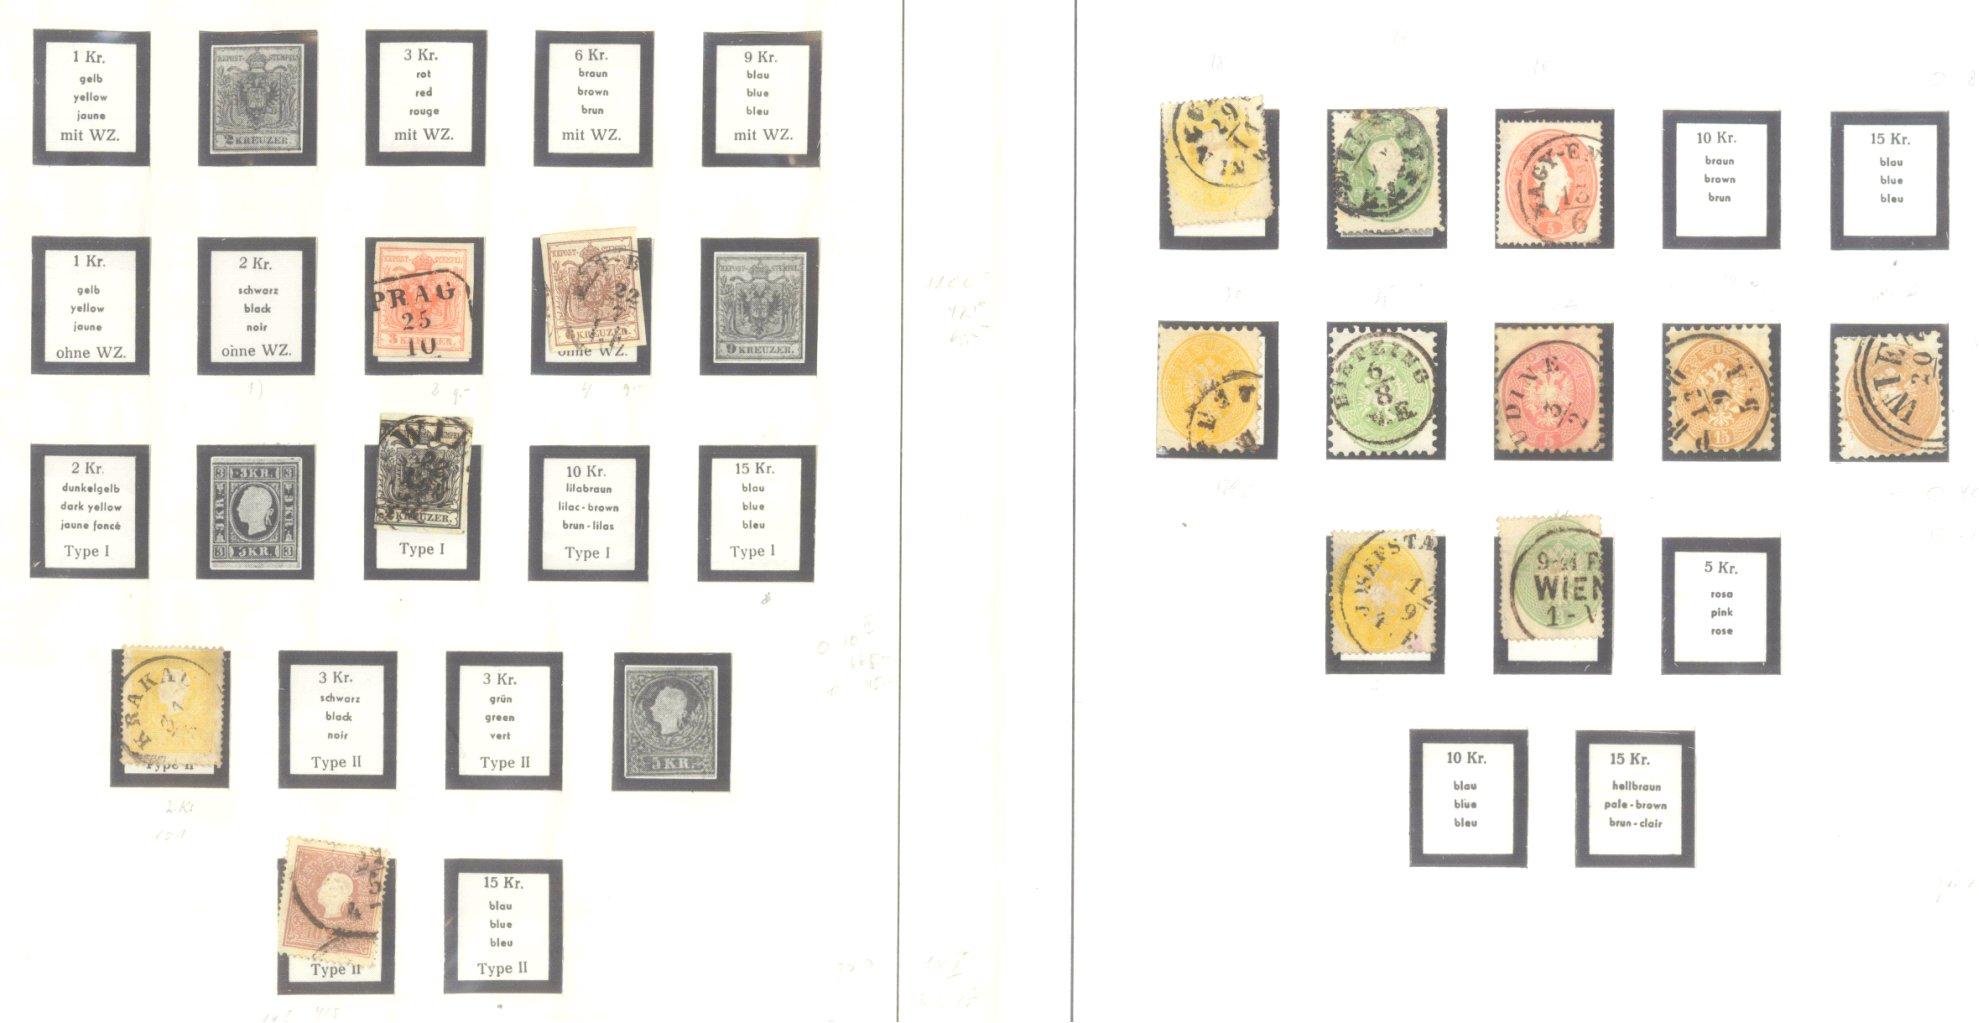 ÖSTERREICH 1850-1937-1